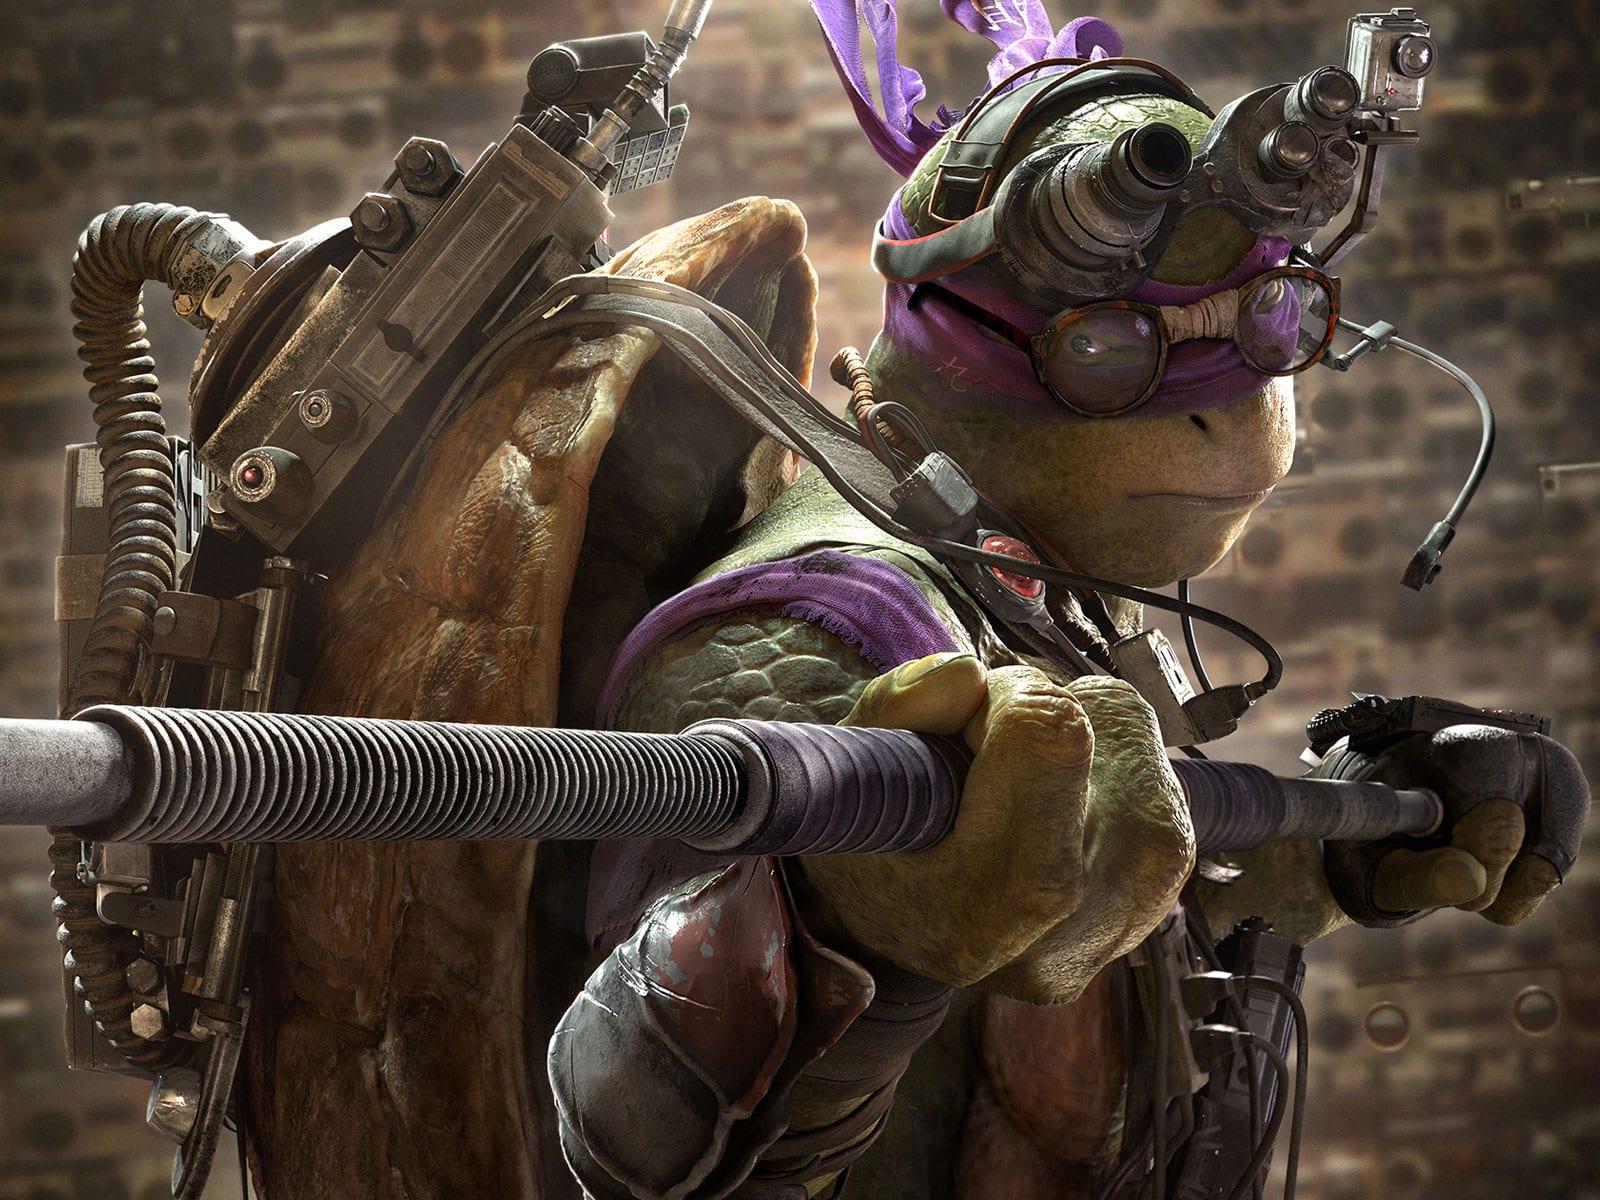 Teenage Mutant Ninja Turtles Hd Wallpapers 7wallpapers Net